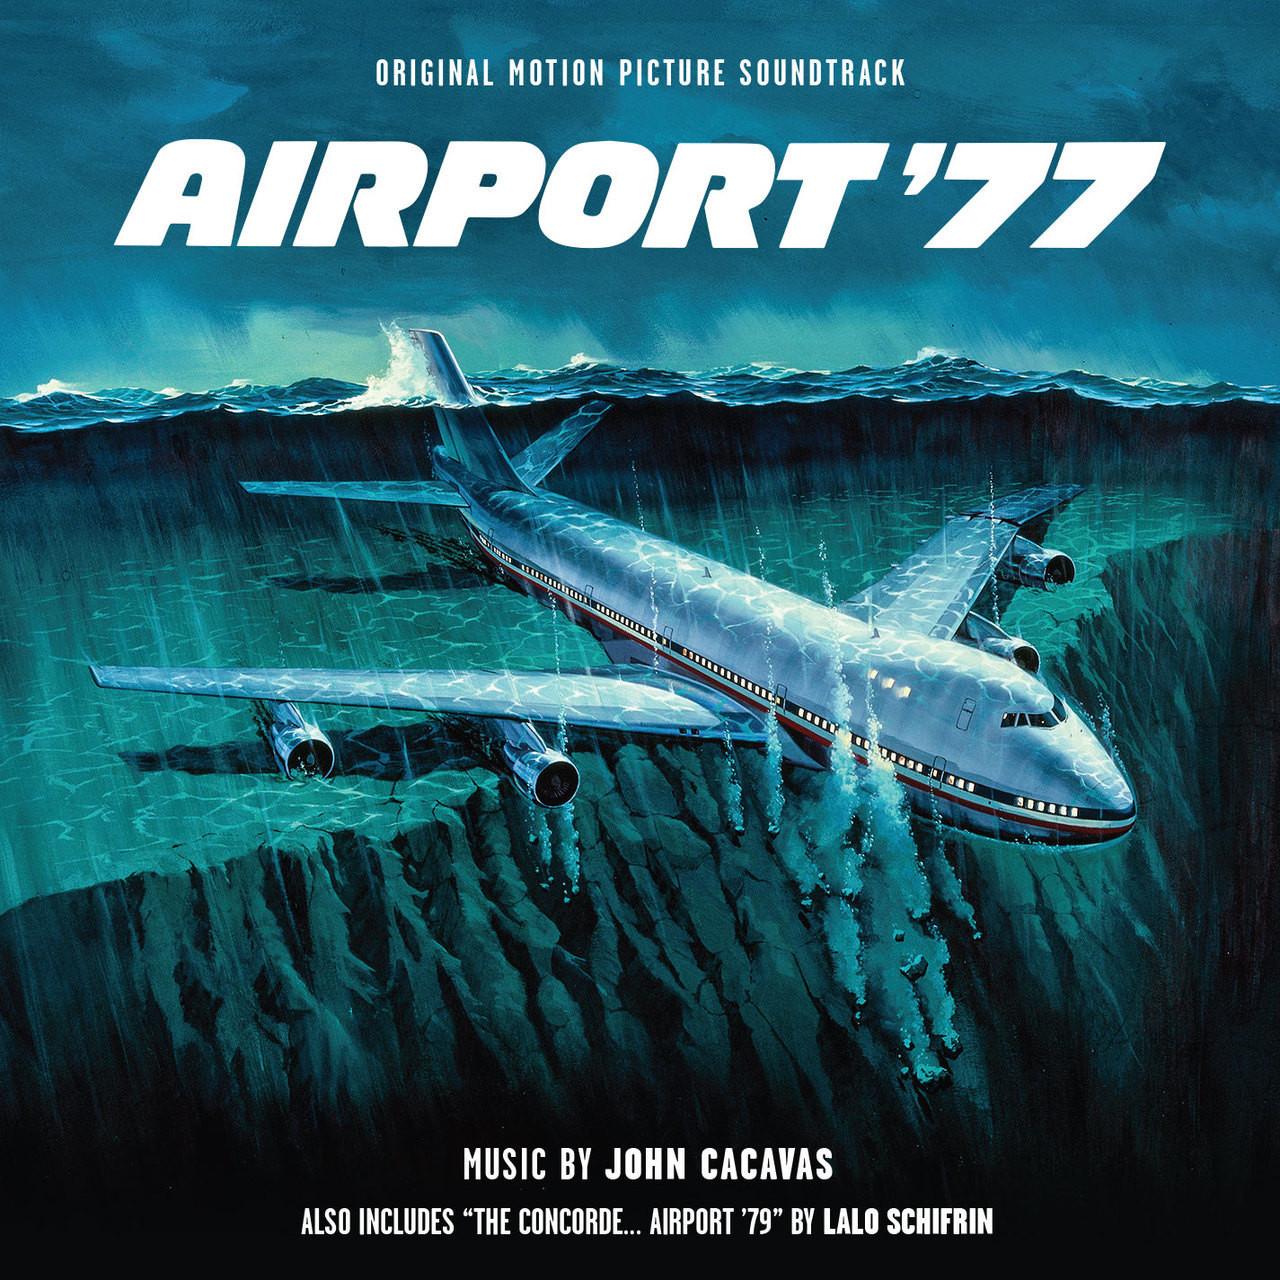 EN TÉLÉCHARGER PÉRIL 747 FILM